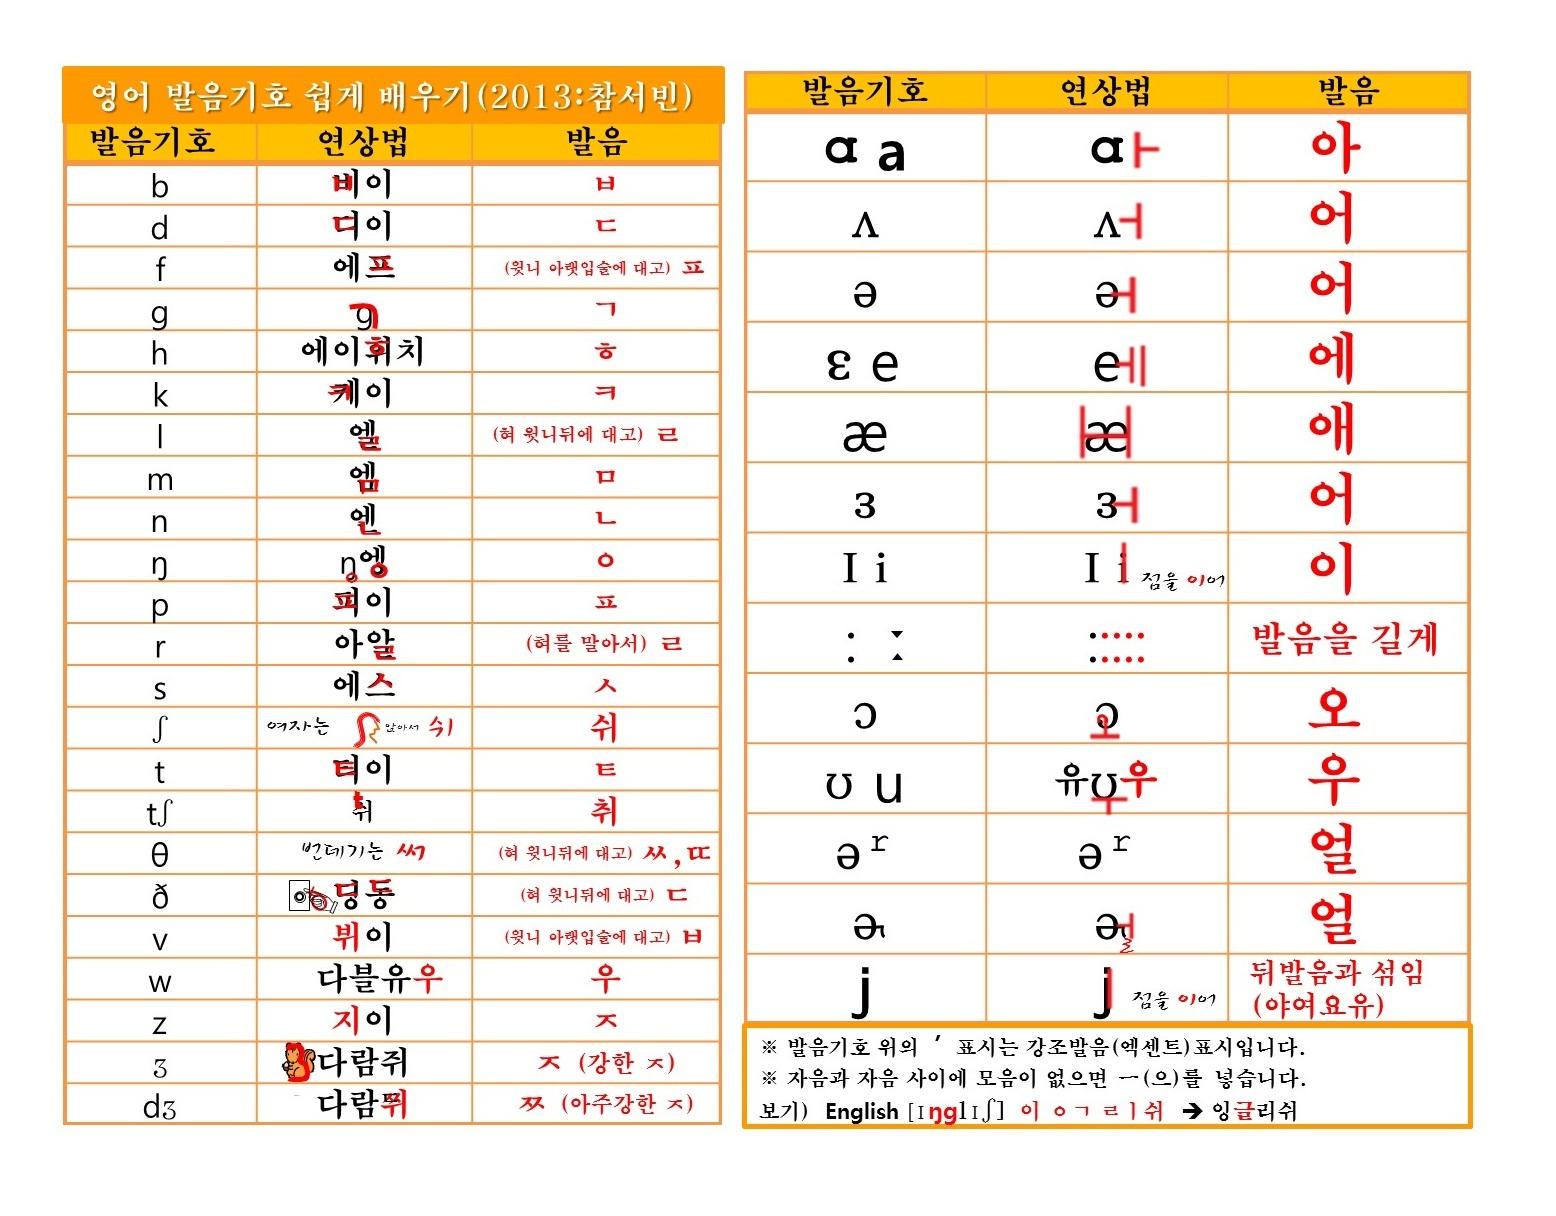 [발음기호] 발음기호 쉽게 배우기 2013 참서빈